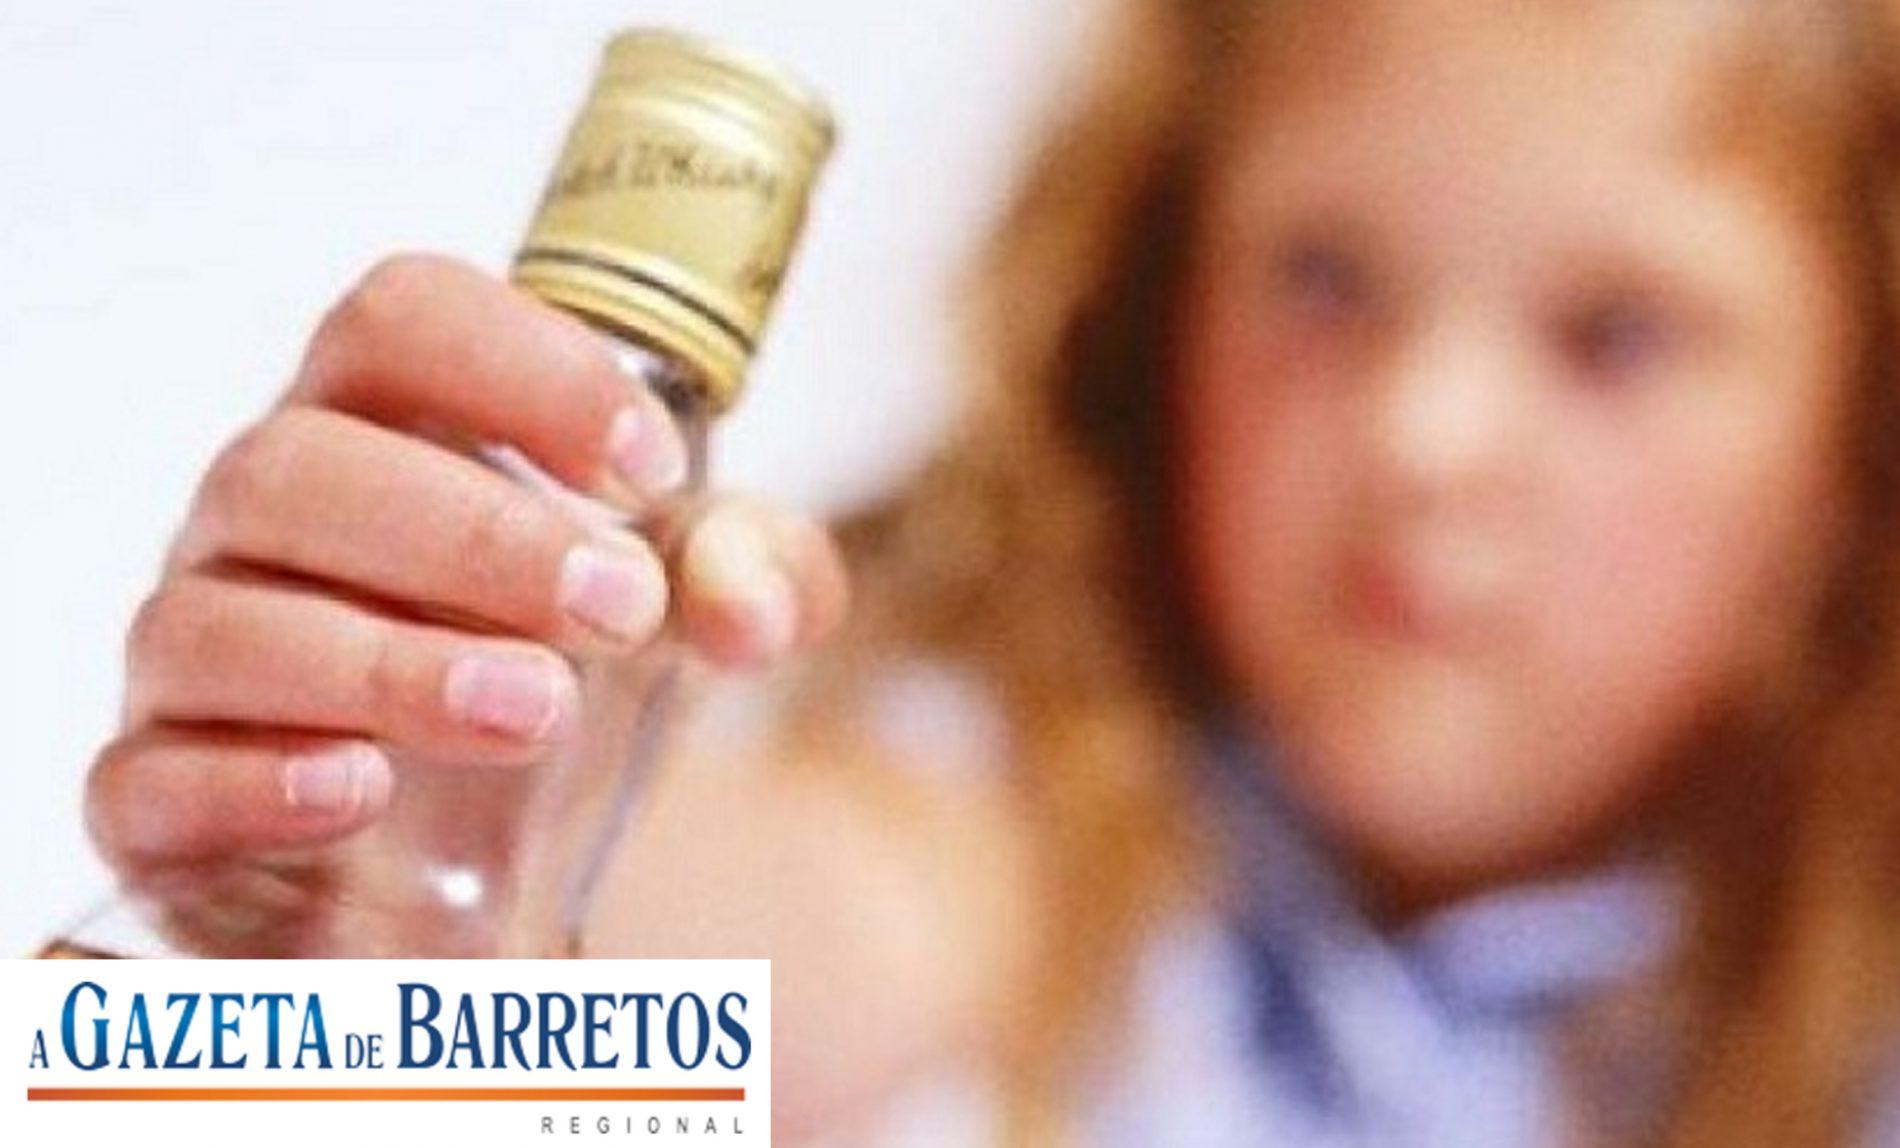 POLICIAL: Homem é preso por oferecer bebida alcoólica a menores de idade